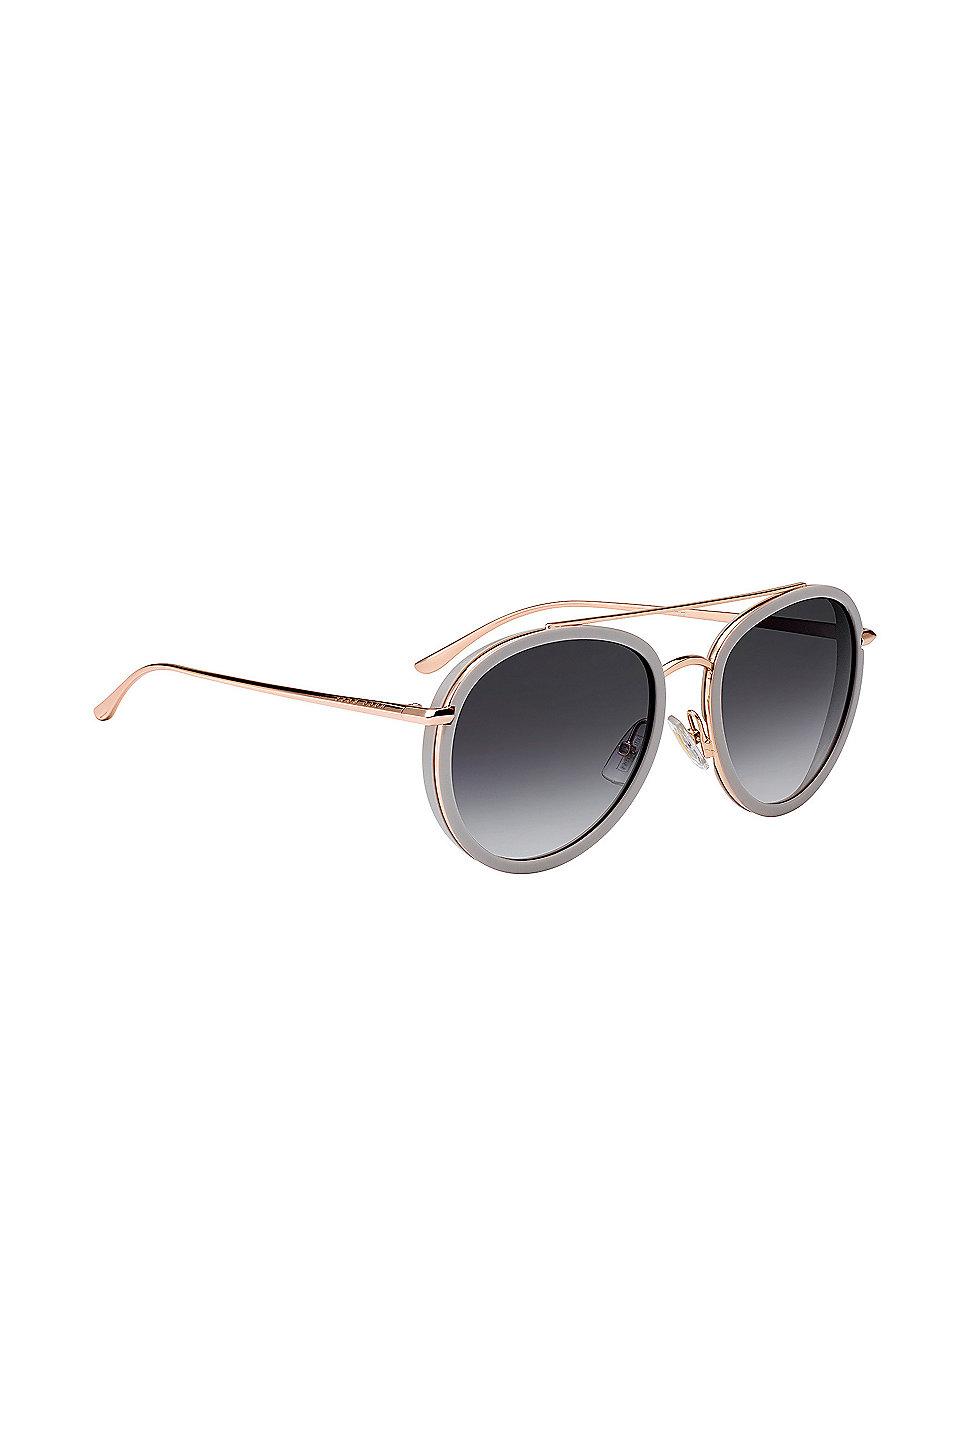 Sonnenbrille mit Doppelsteg und getönten Gläsern 1y6kA7d5S